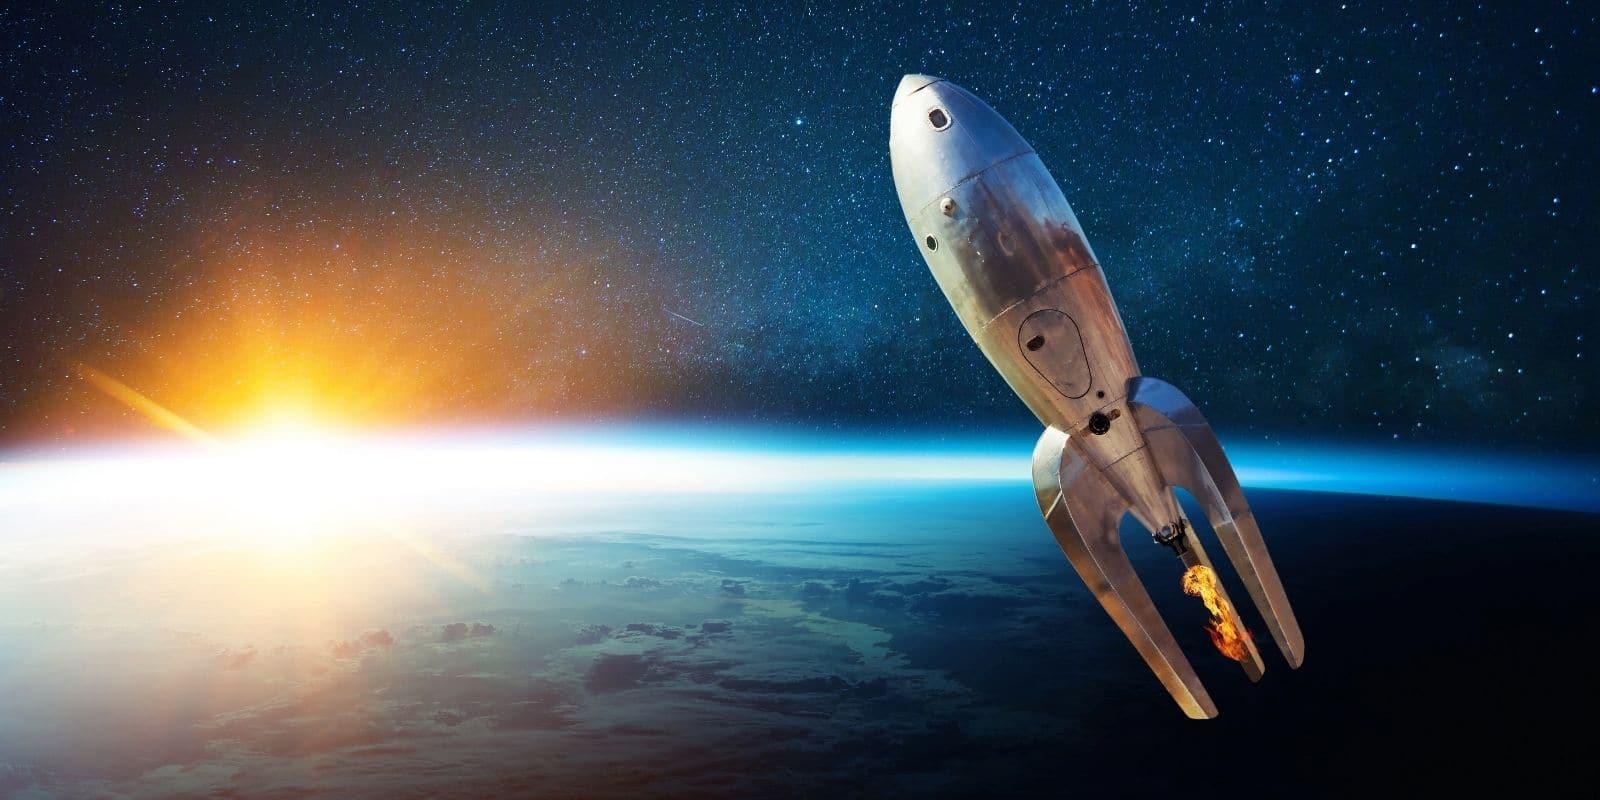 voyage dans l'espace - fusée